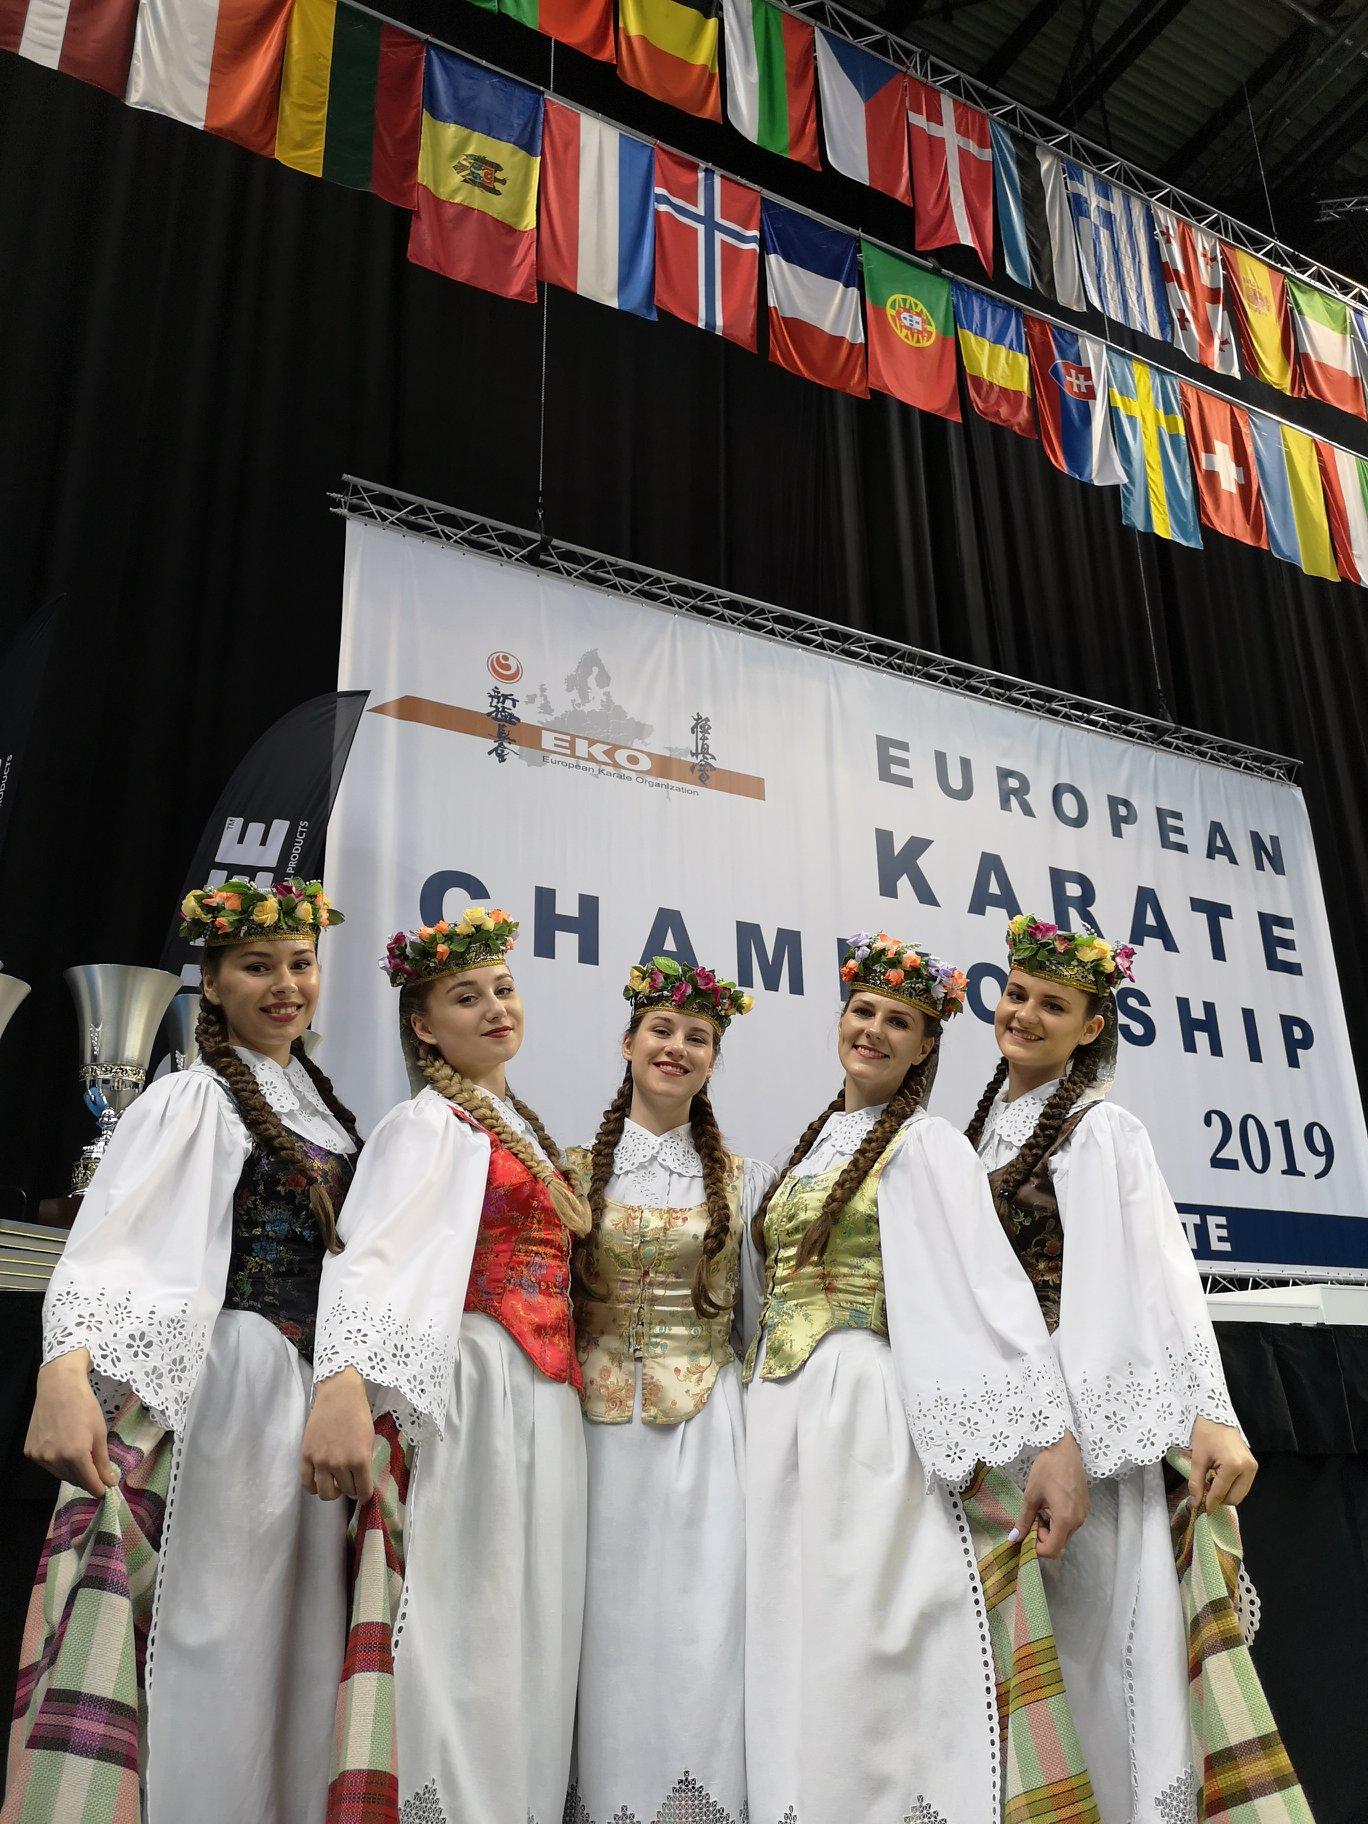 karate cempionatas